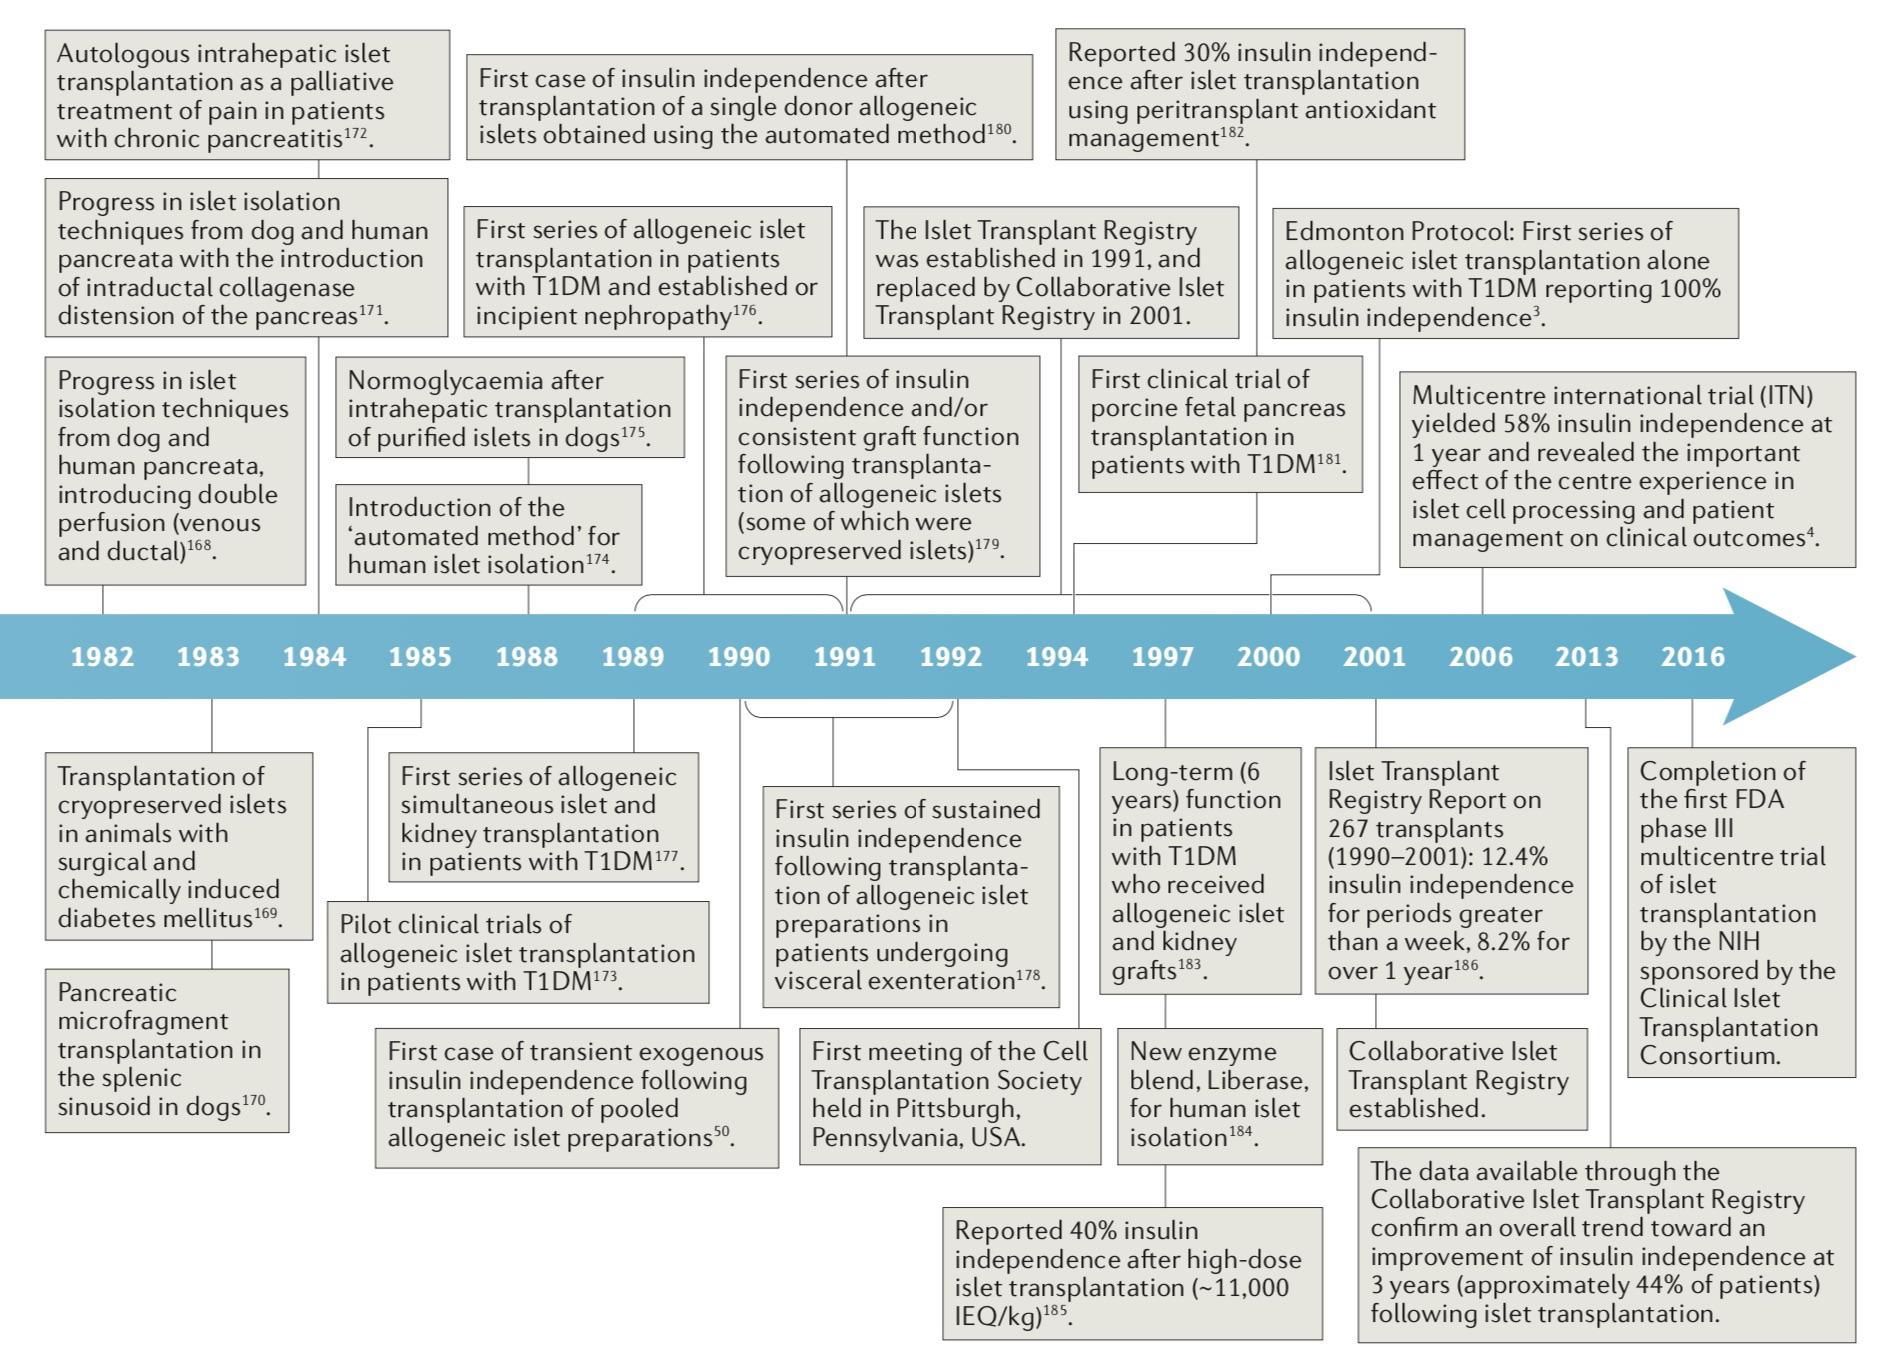 胰島移植發展時間表。圖片來源:James Shapiro等人論文